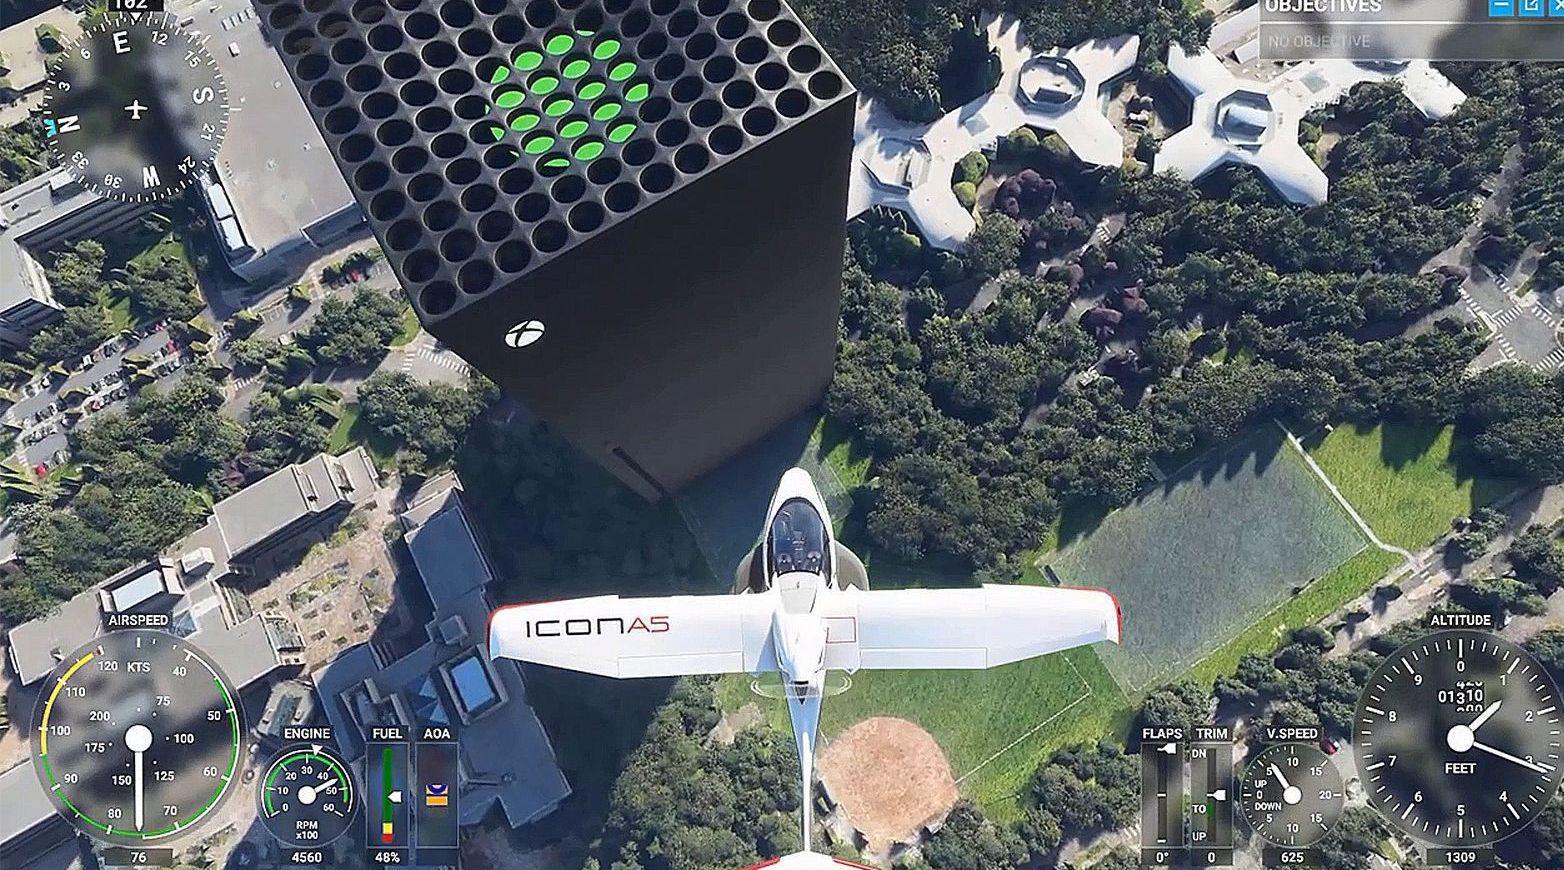 《微软飞行模拟》玩家 Oh_Gaz 制作了一个Mod……